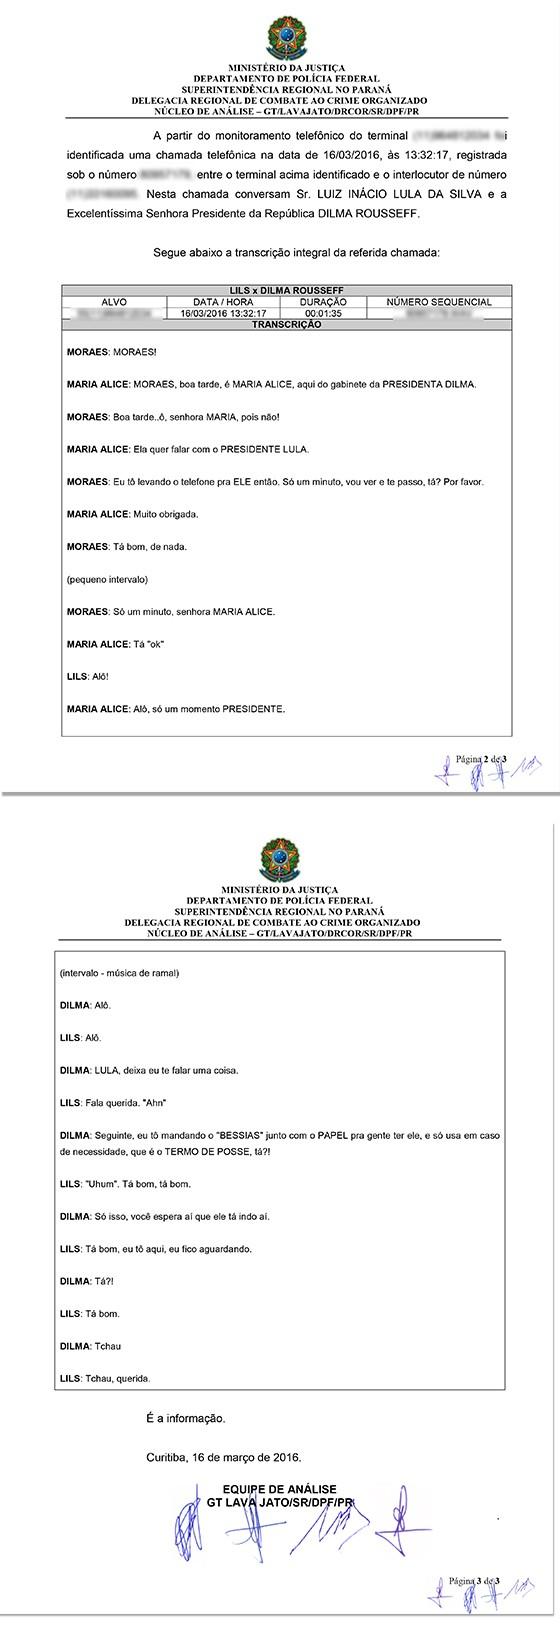 Documento da PF sobre o áudio entre Lula e Dilma Rousseff (Foto: Divulgação)